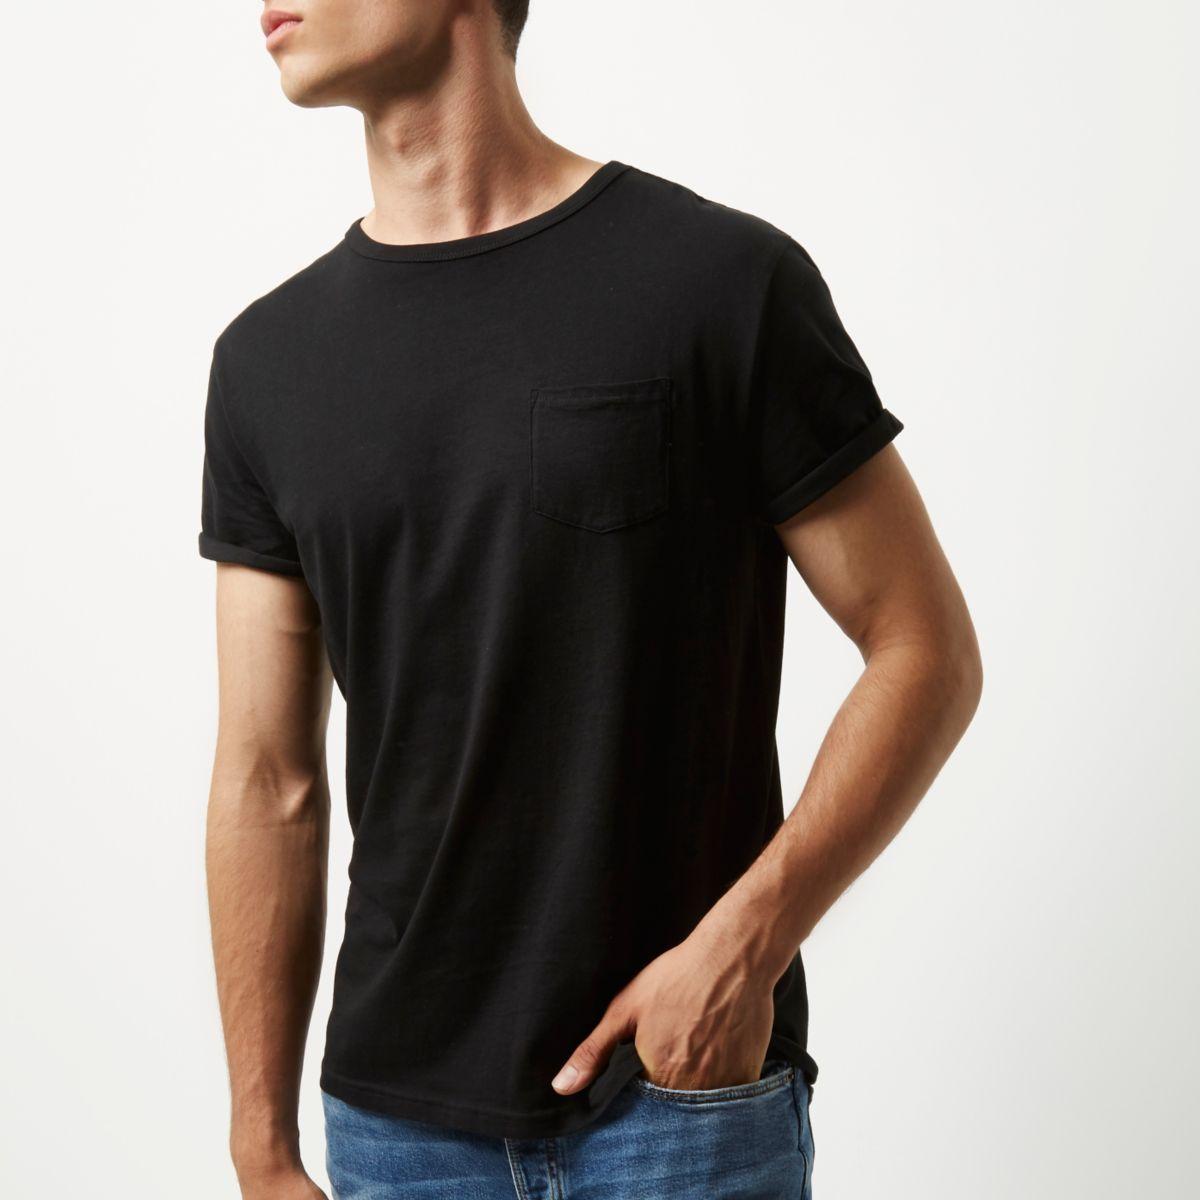 Schwarzes, kurzärmliges T-Shirt